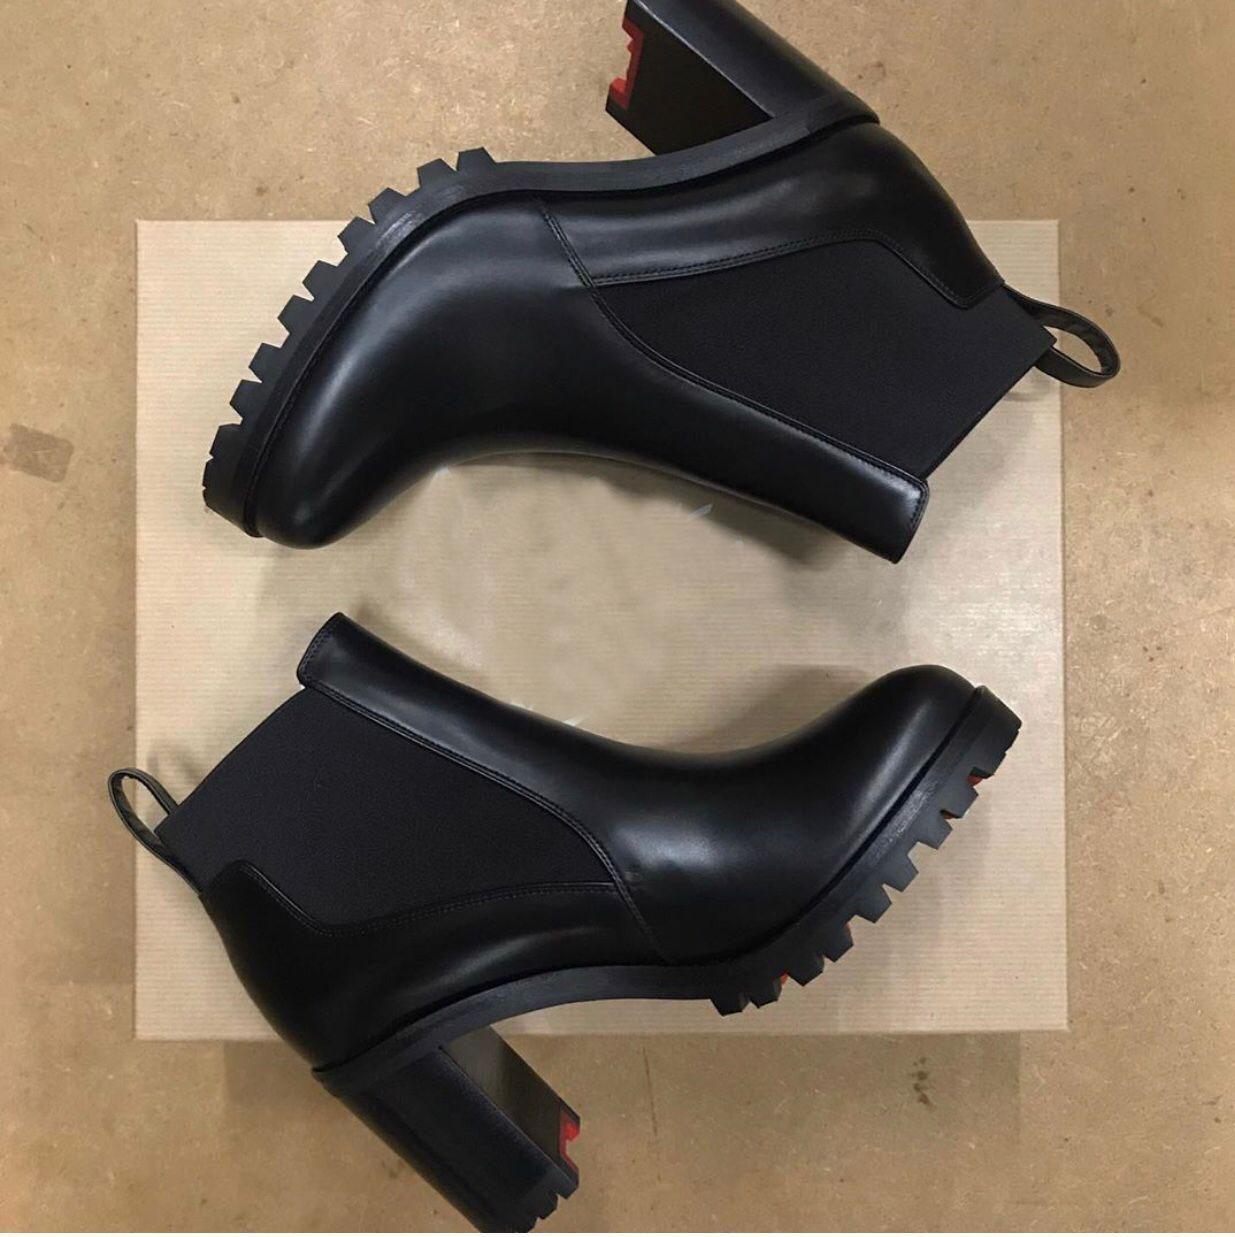 Lüks Moda Tasarımcısı Ayak Bileği Çizmeler Pabucu Sole Marchacroche Kadın Kırmızı Alt Boot Tıknaz Topuklu Moda Kadınlar Martin Çizmeler Kış Çizmeler